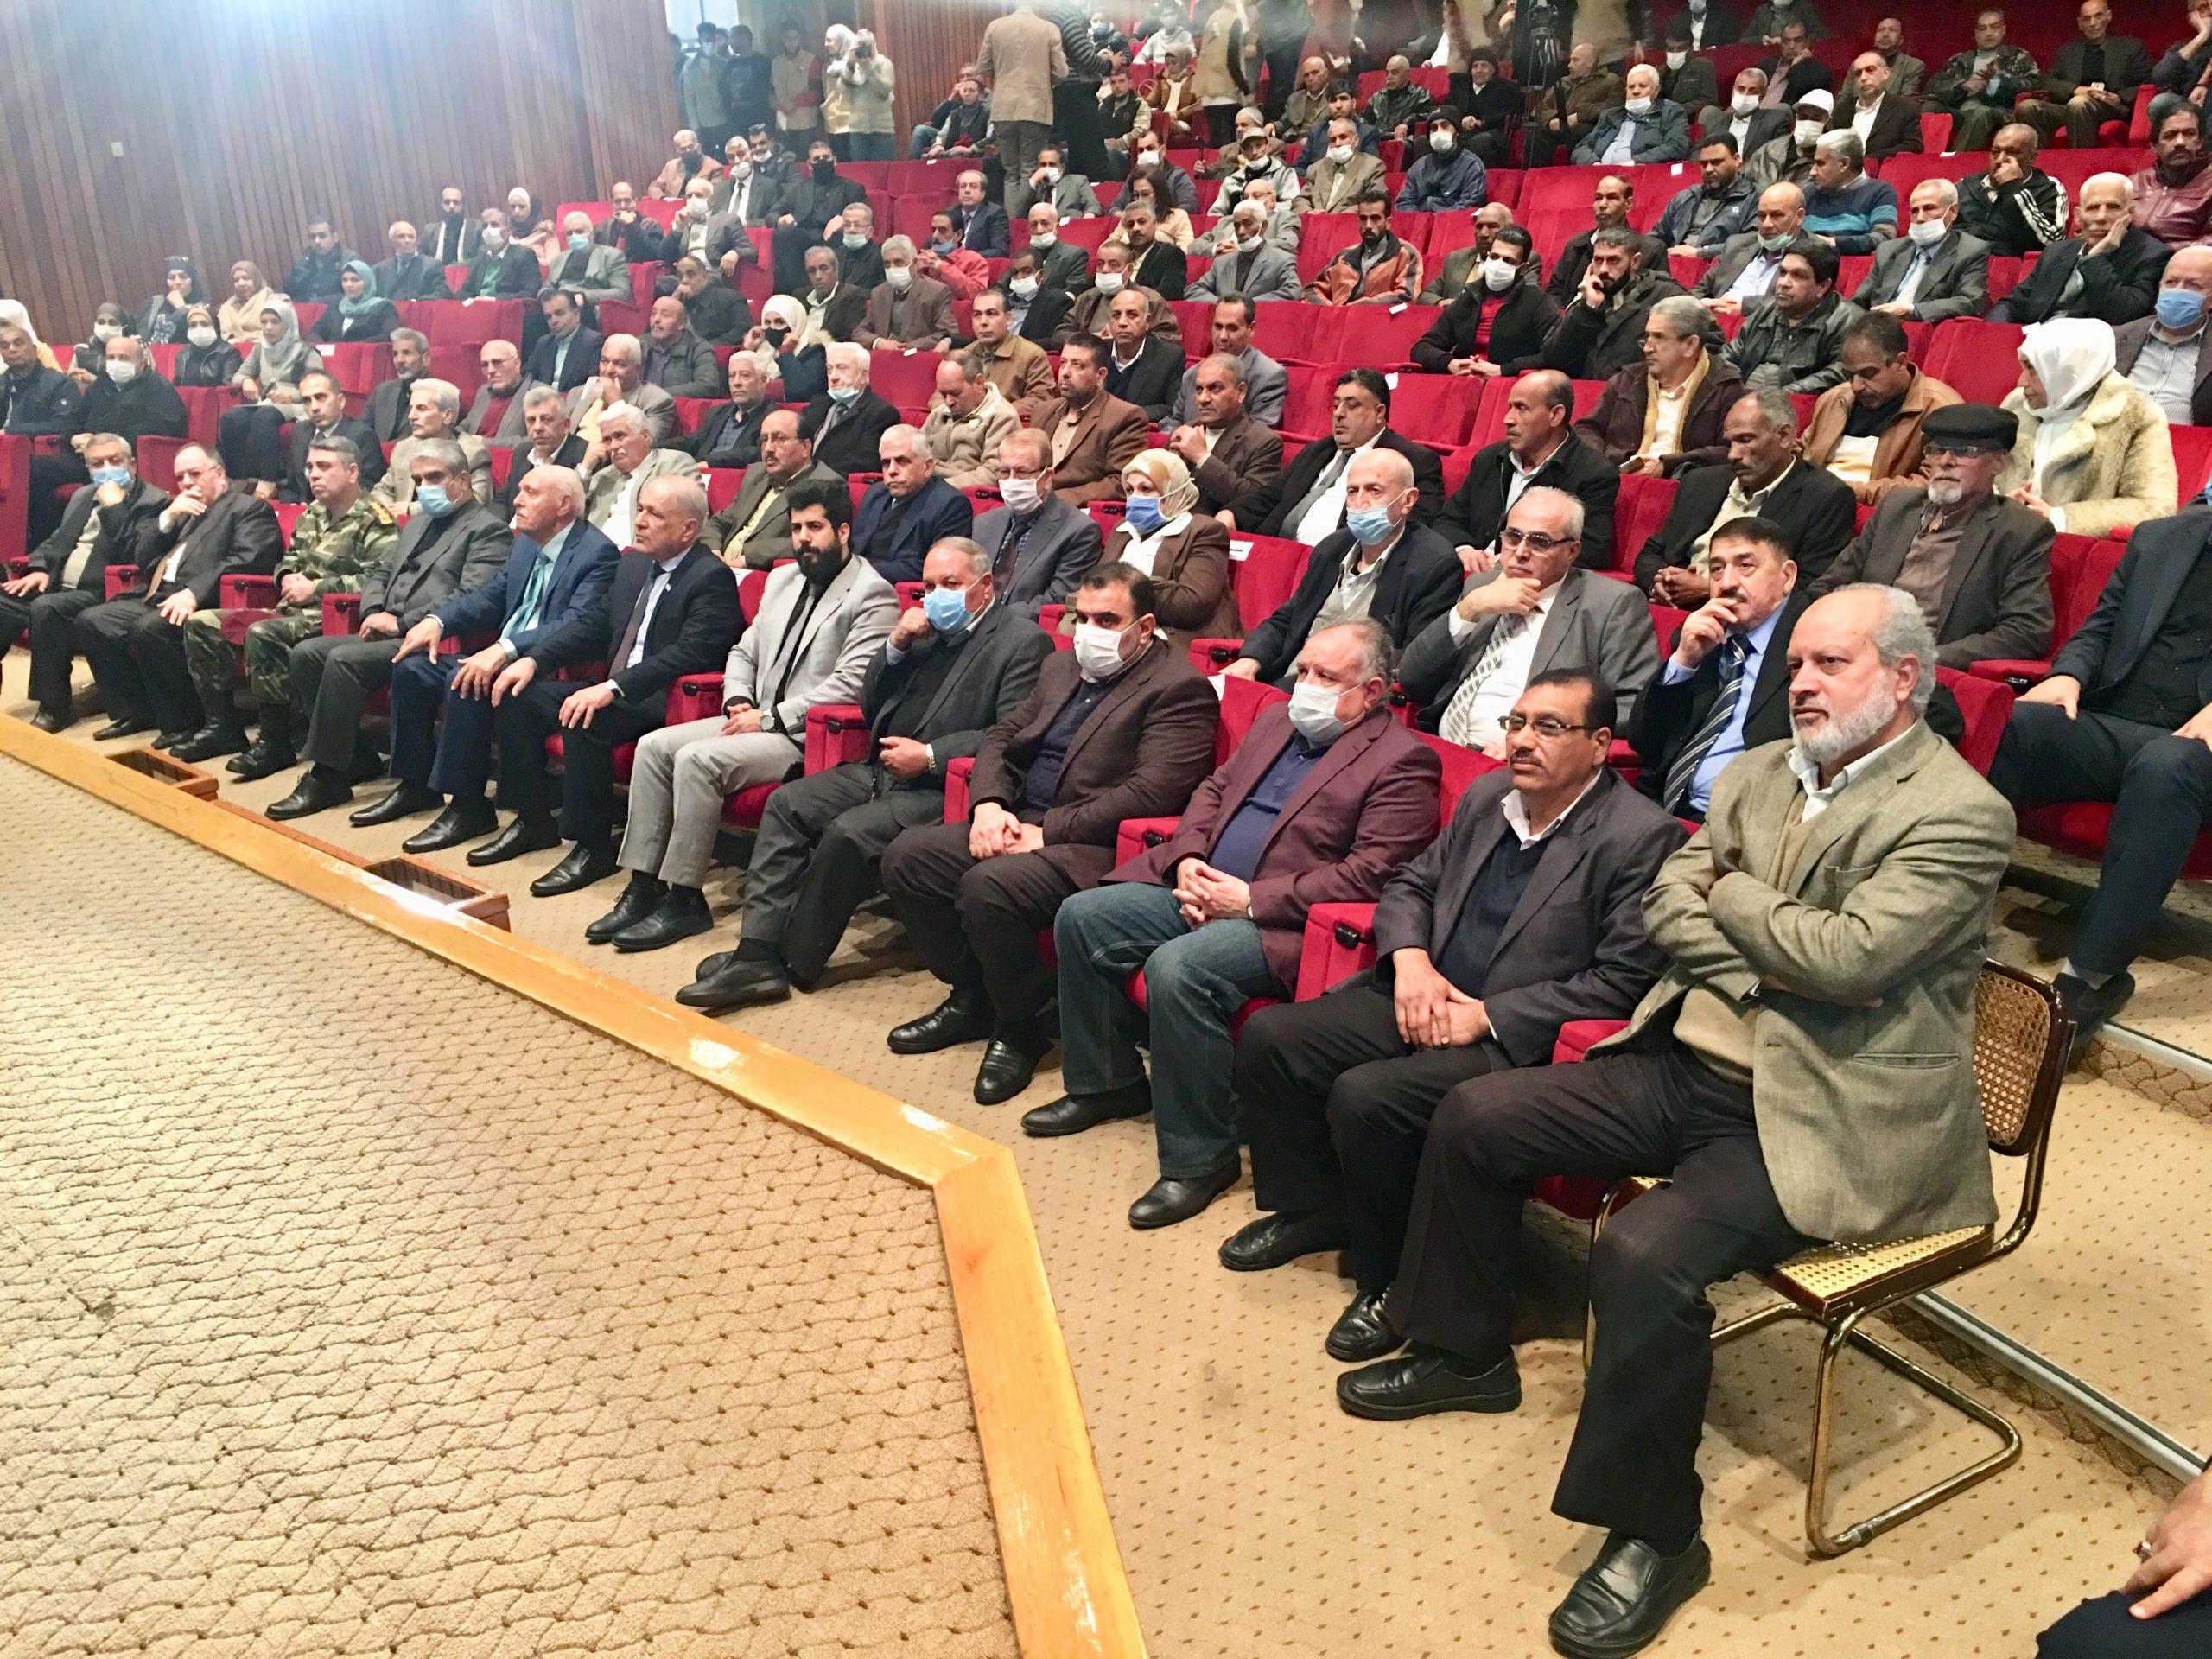 مهرجان خطابي في الذكرى ال42لانتصار الثورة الاسلامية الايرانية بمكتبة الأسد الوطنية في دمشق